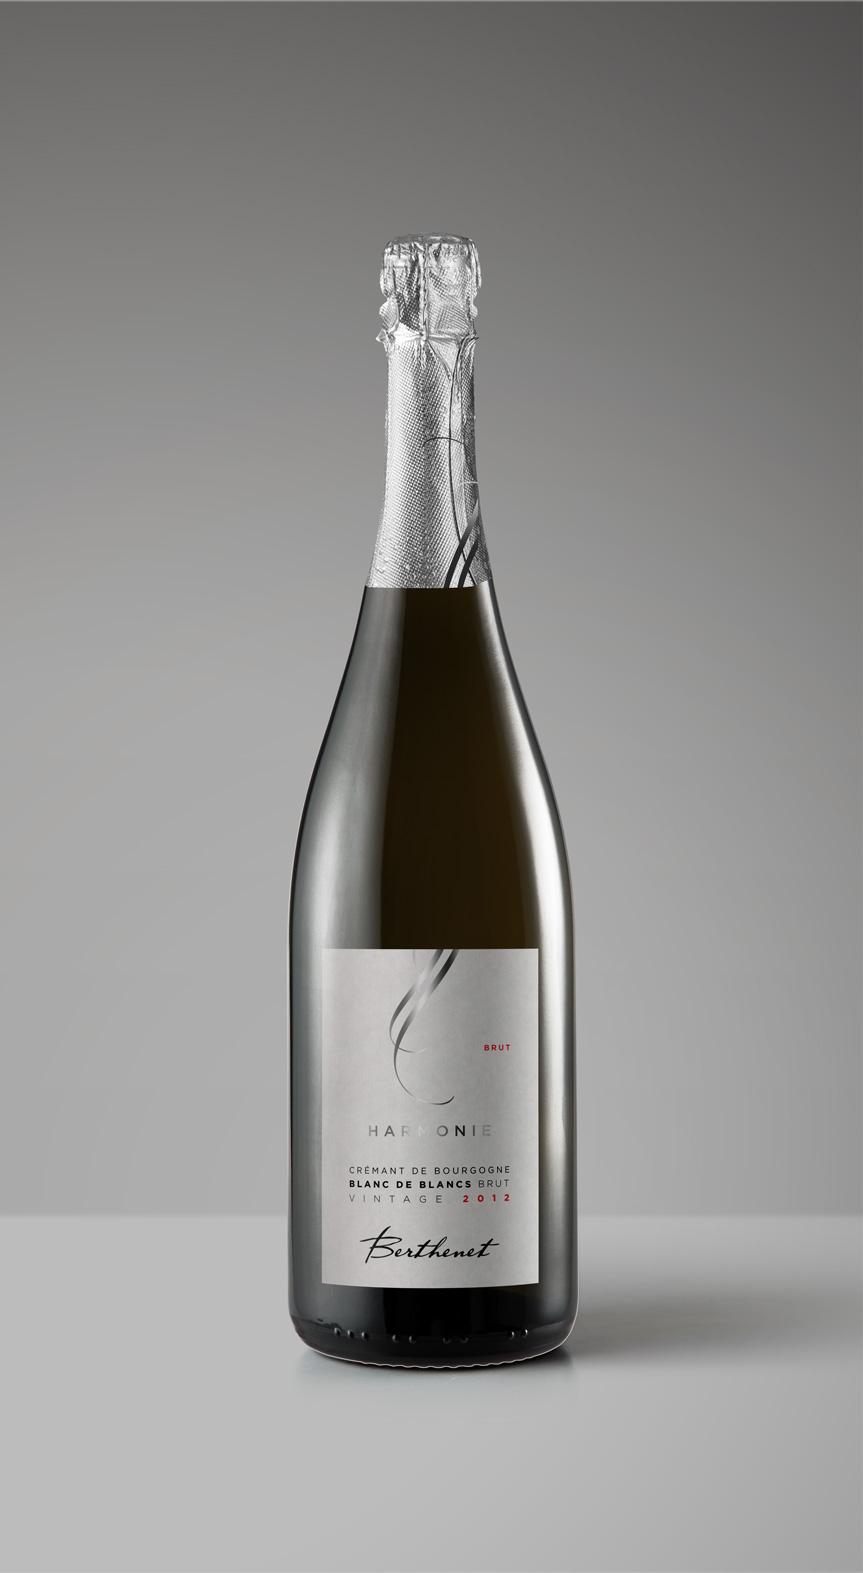 Berthenet - Création étiquette vins Harmonie